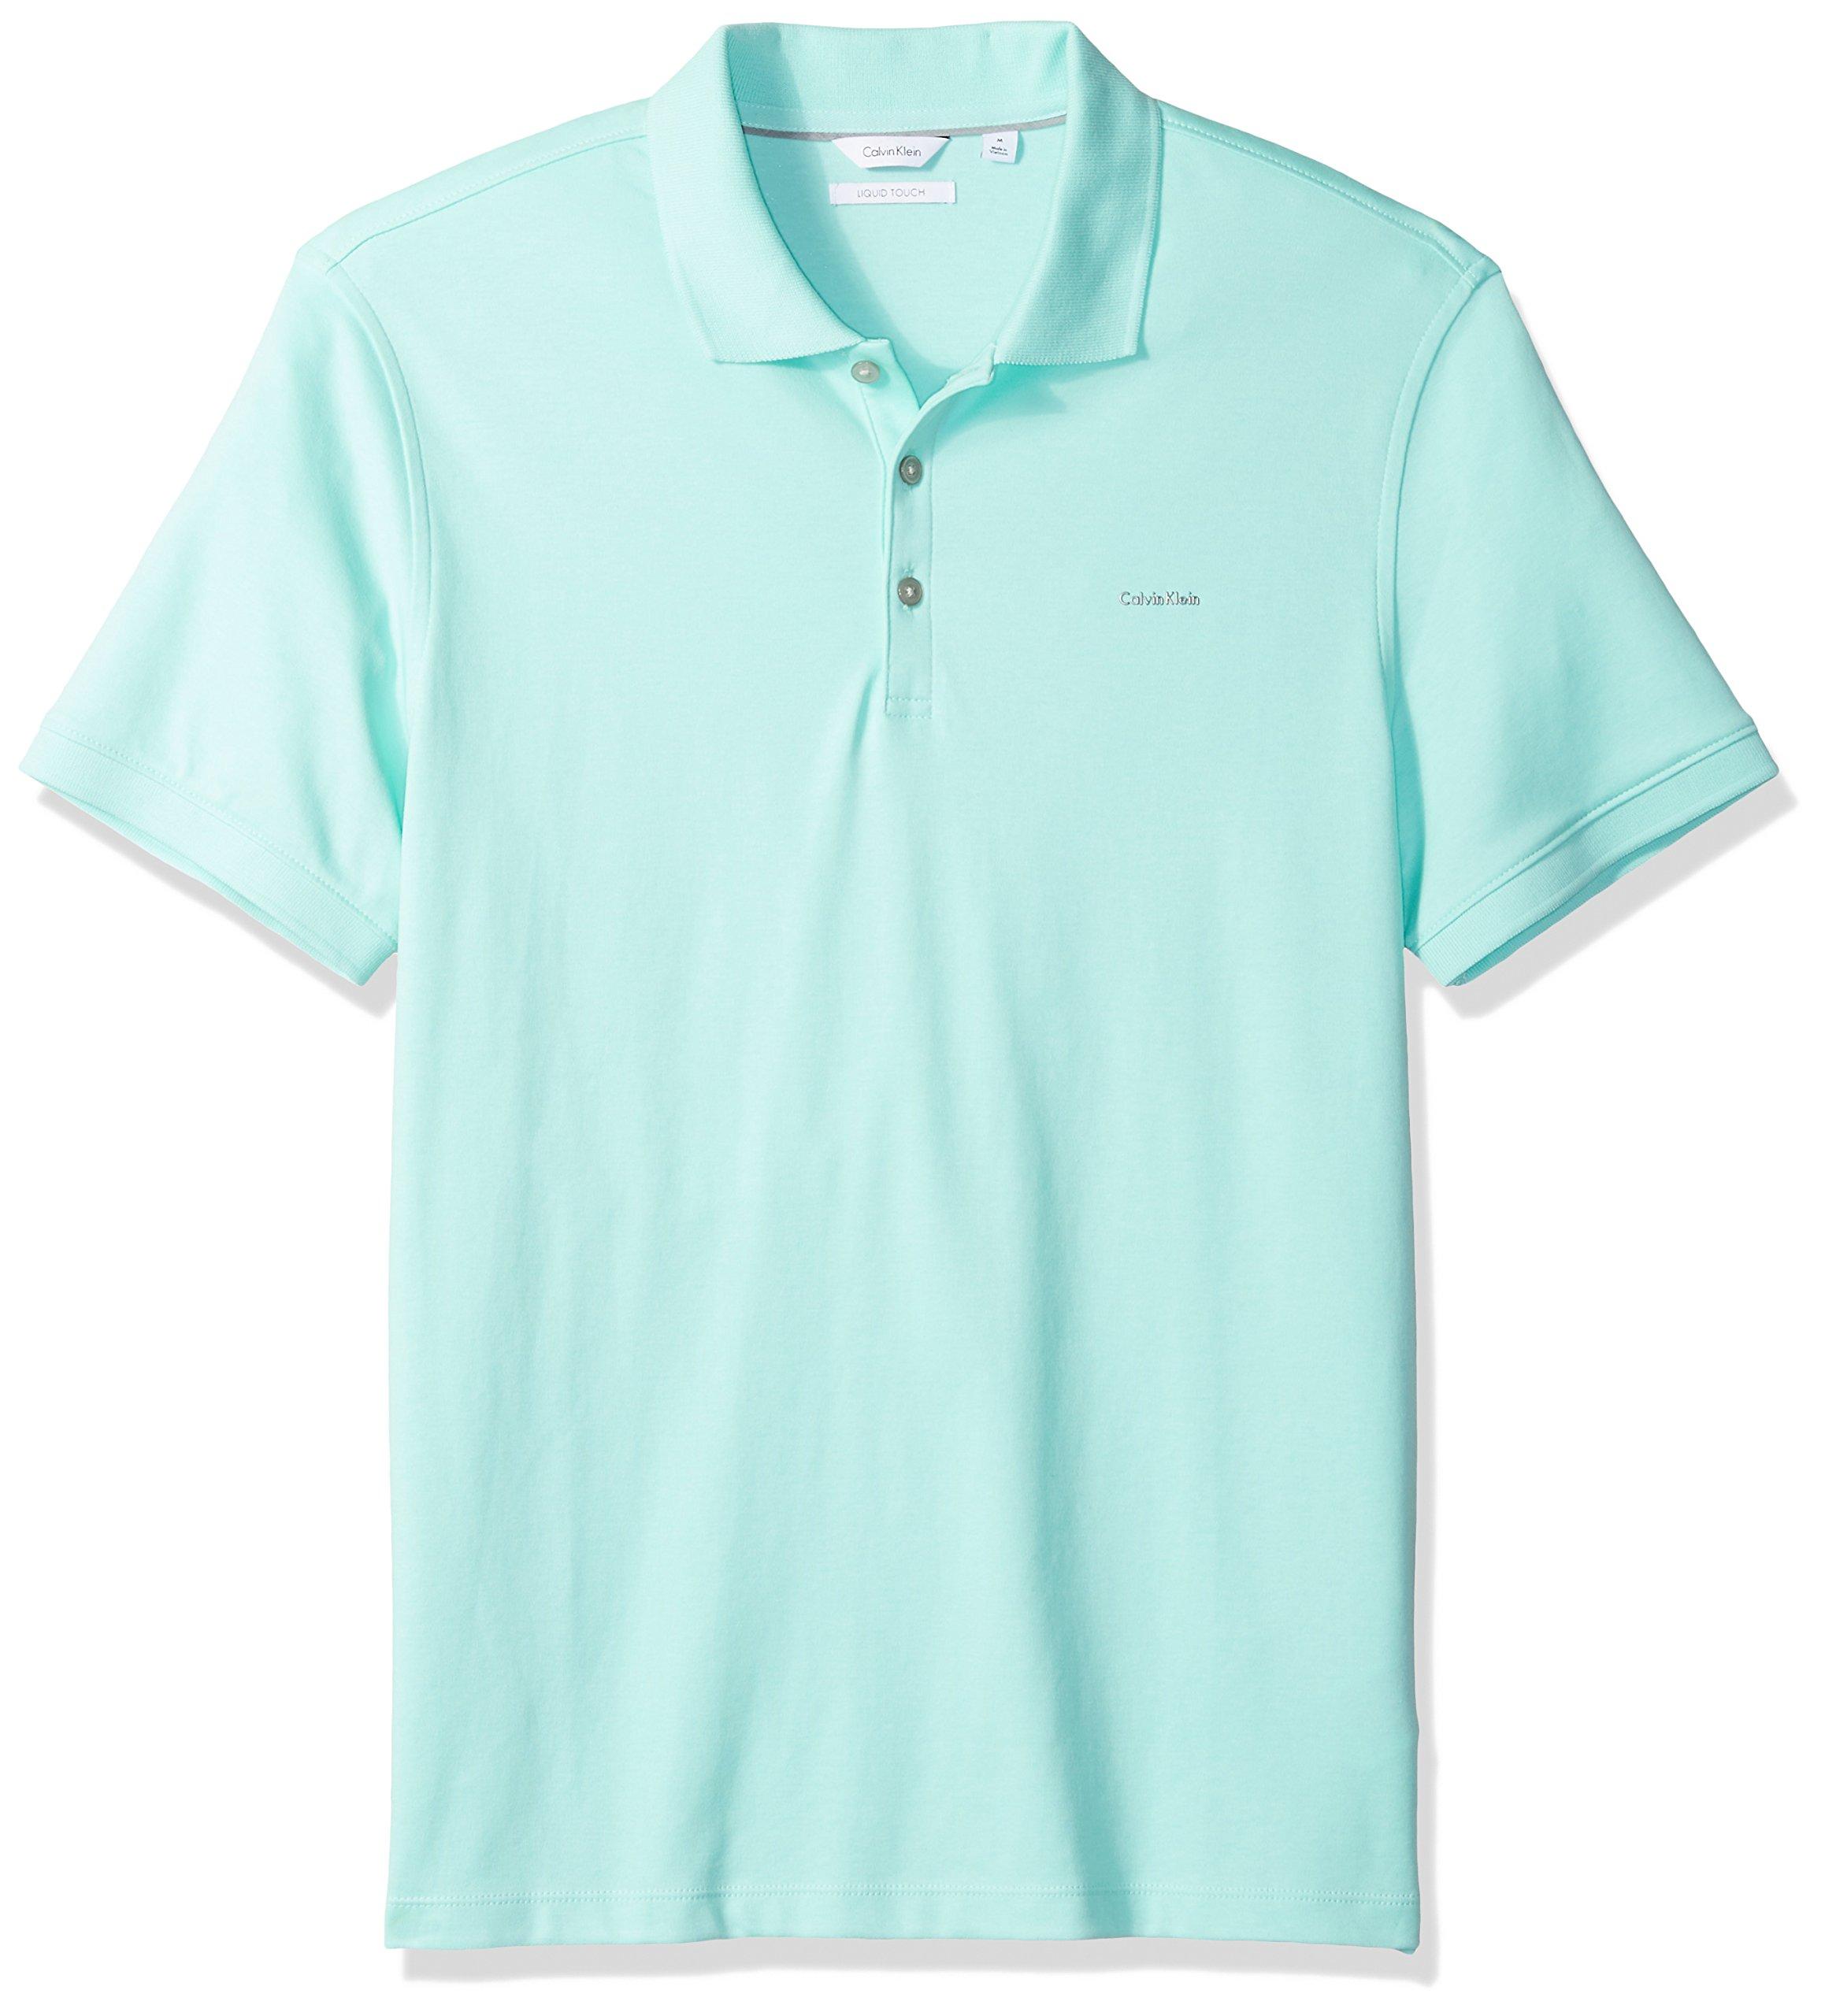 Calvin Klein Men's Short Sleeve Cotton Polo, Beach Glass, S